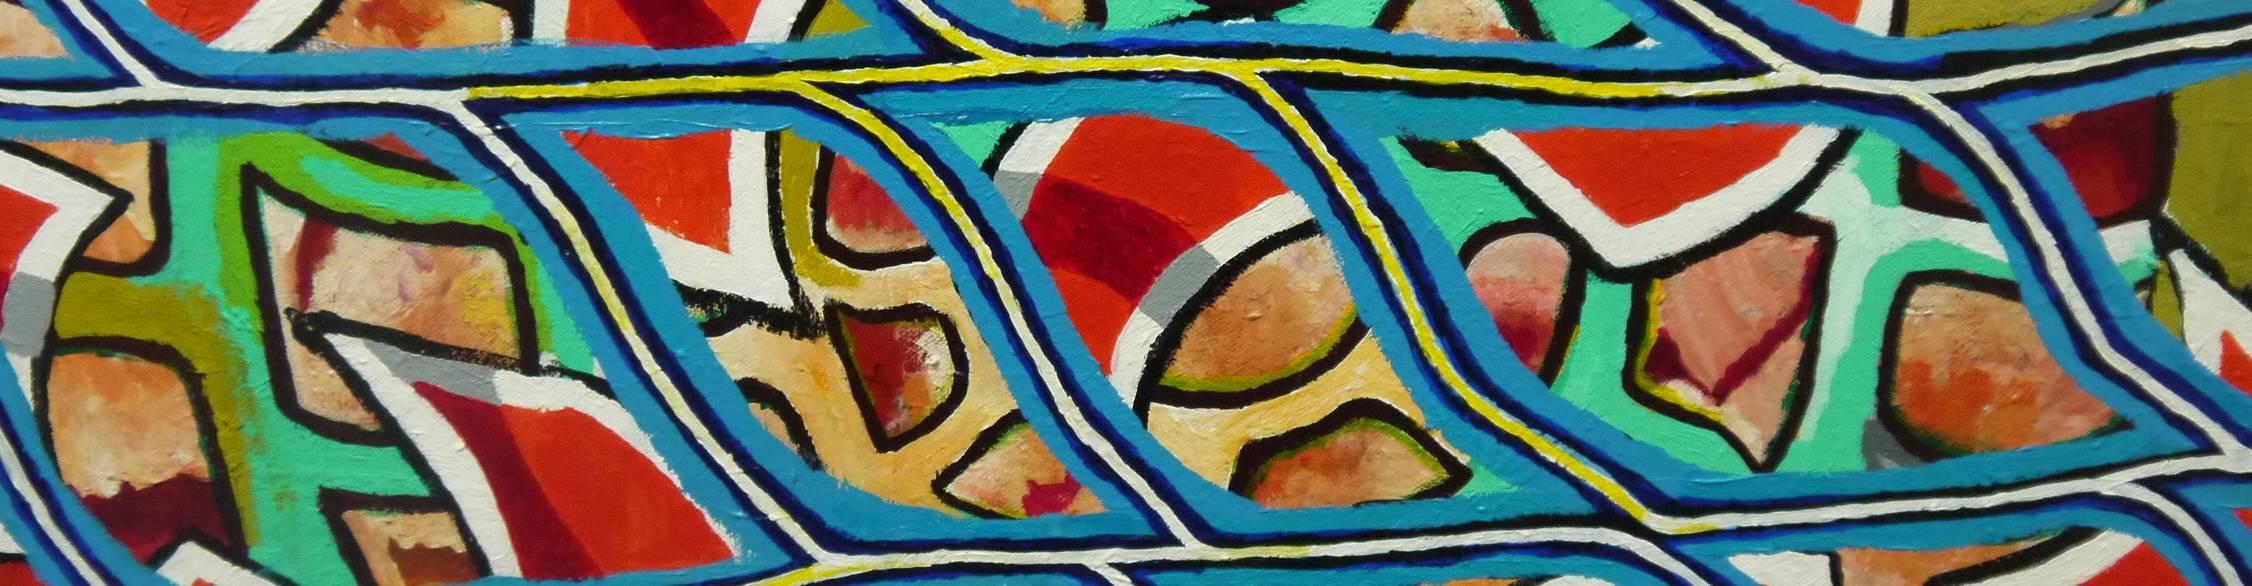 virmuze museum The Roger Artist Museum main banner